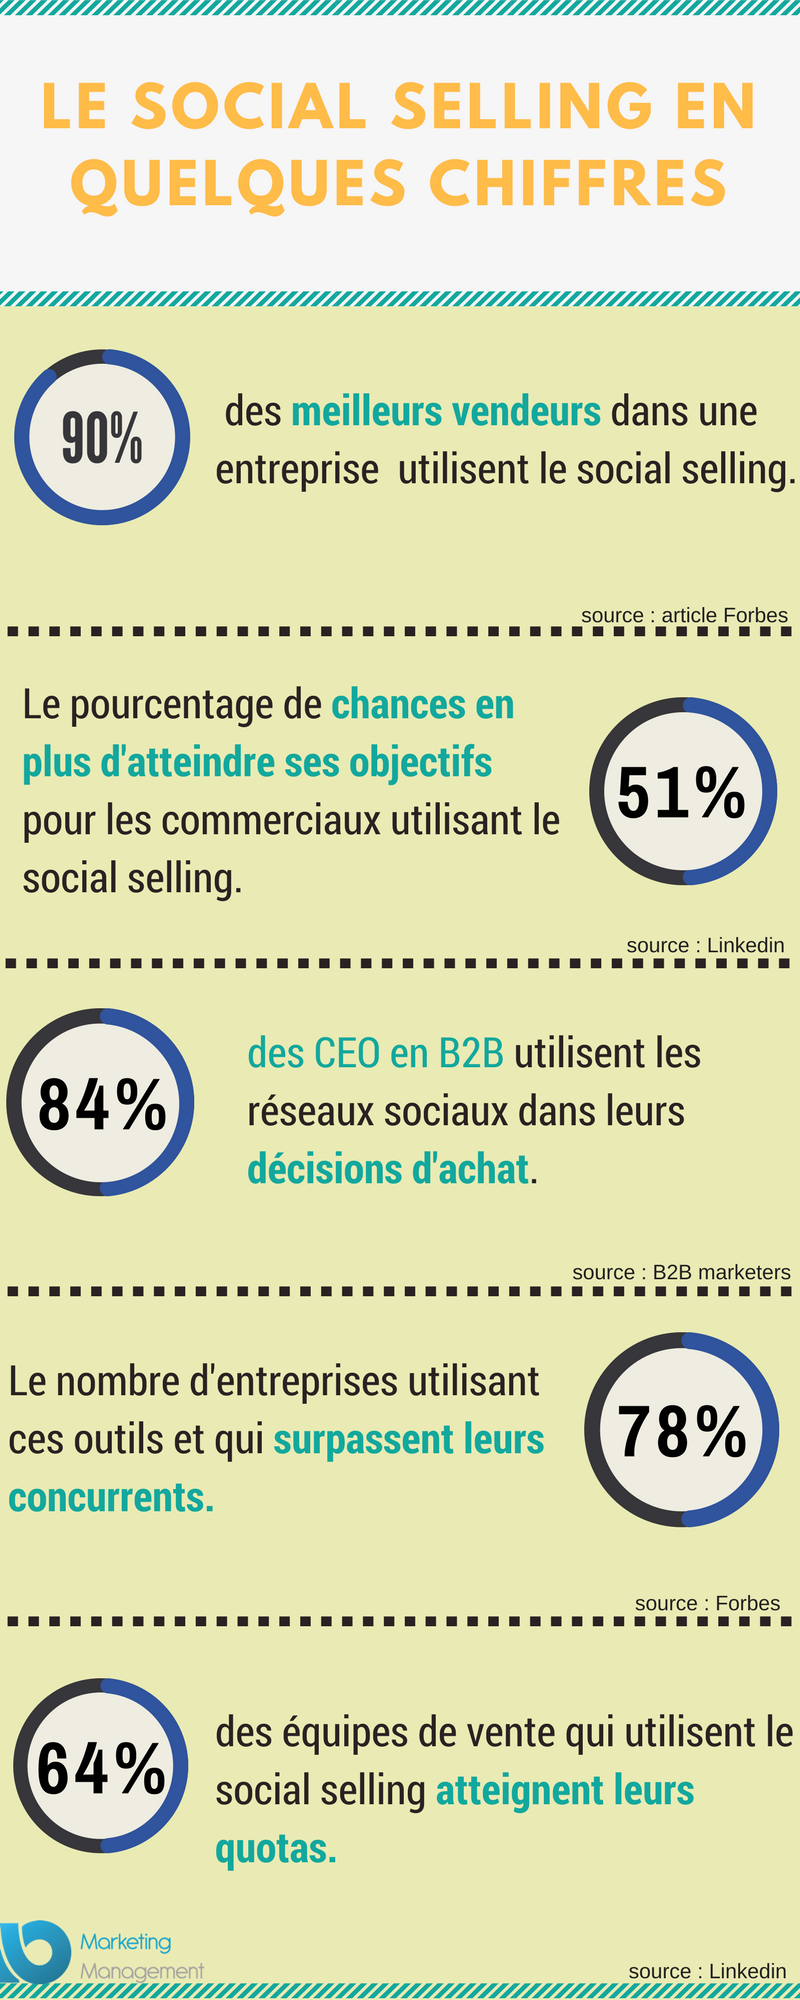 Social selling en quelques chiffres Infographie.png